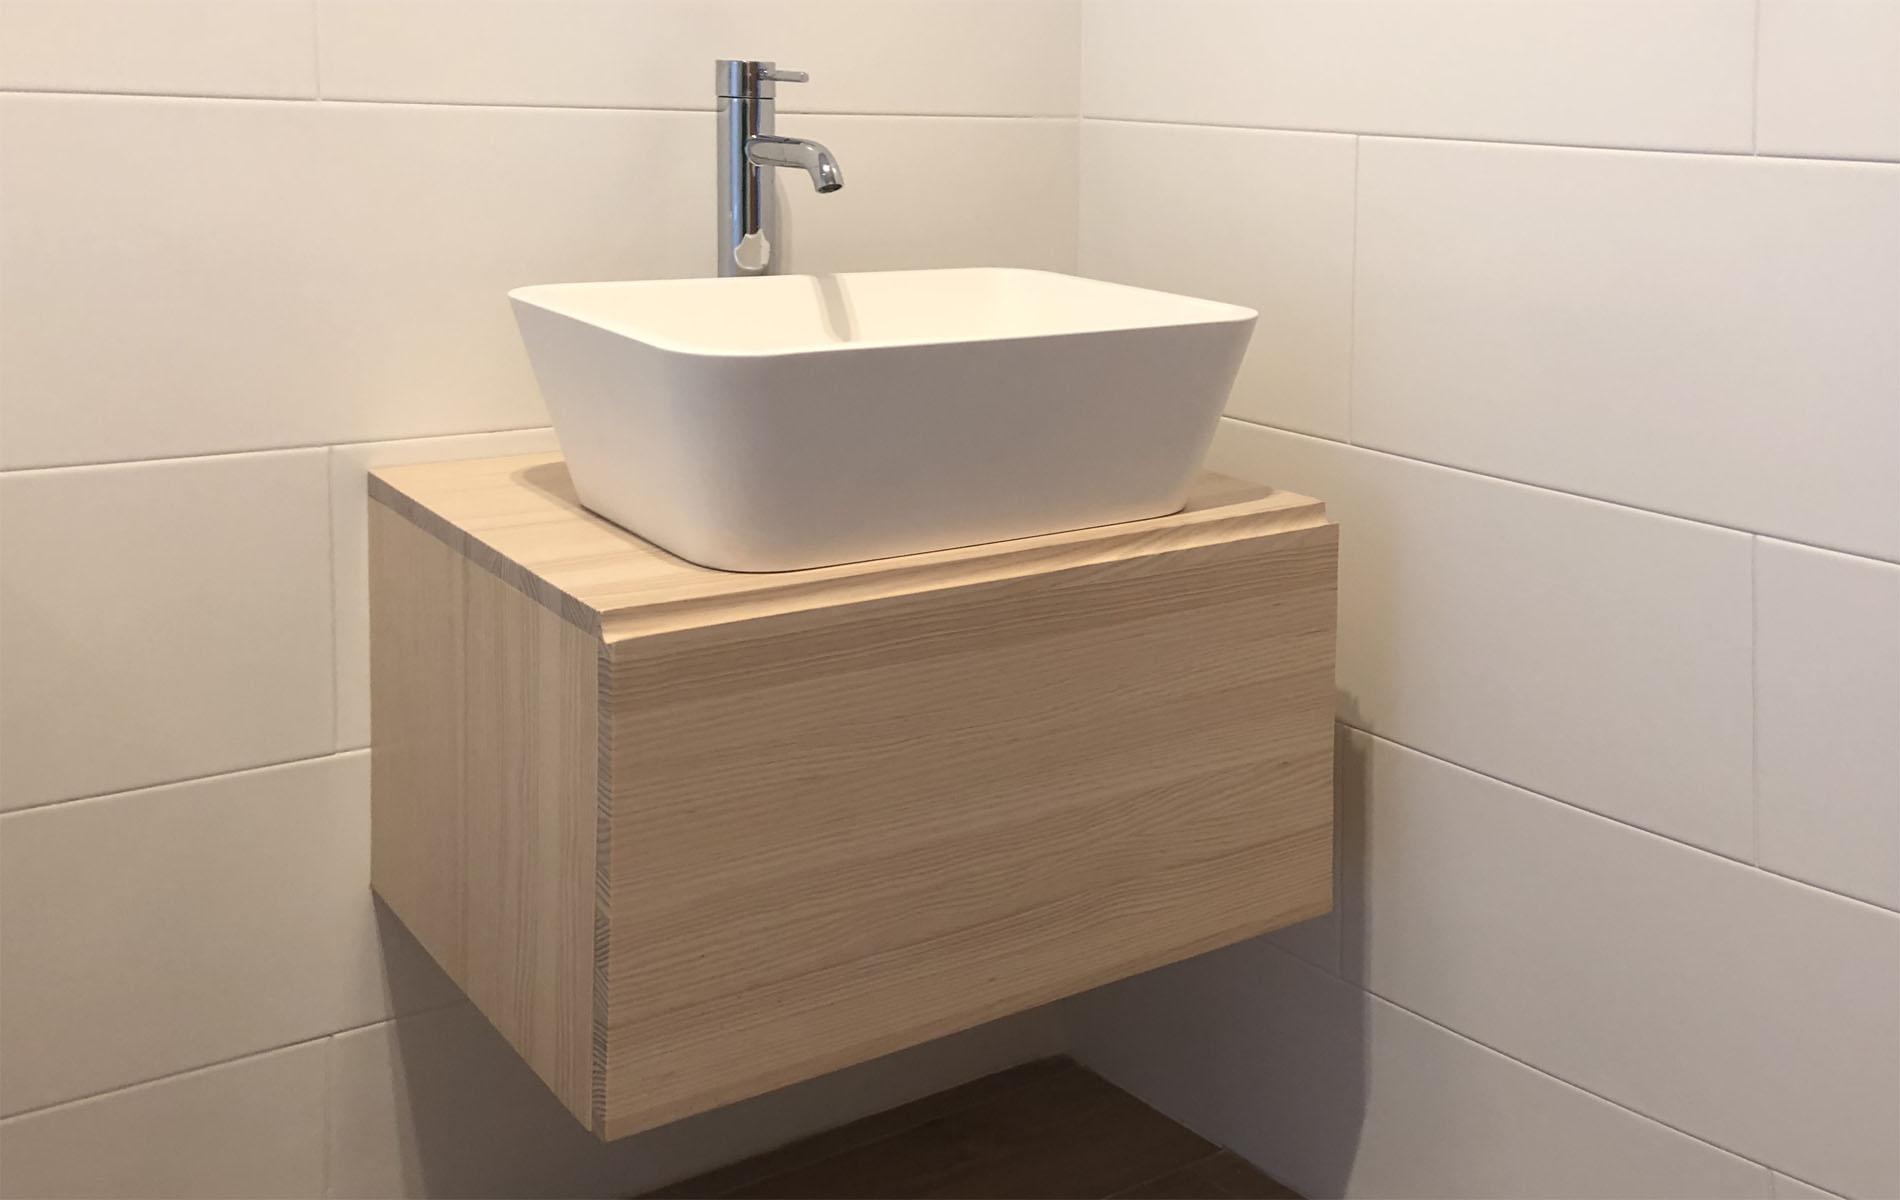 mueble de baño en madera de diseño 1 cajón 60cm